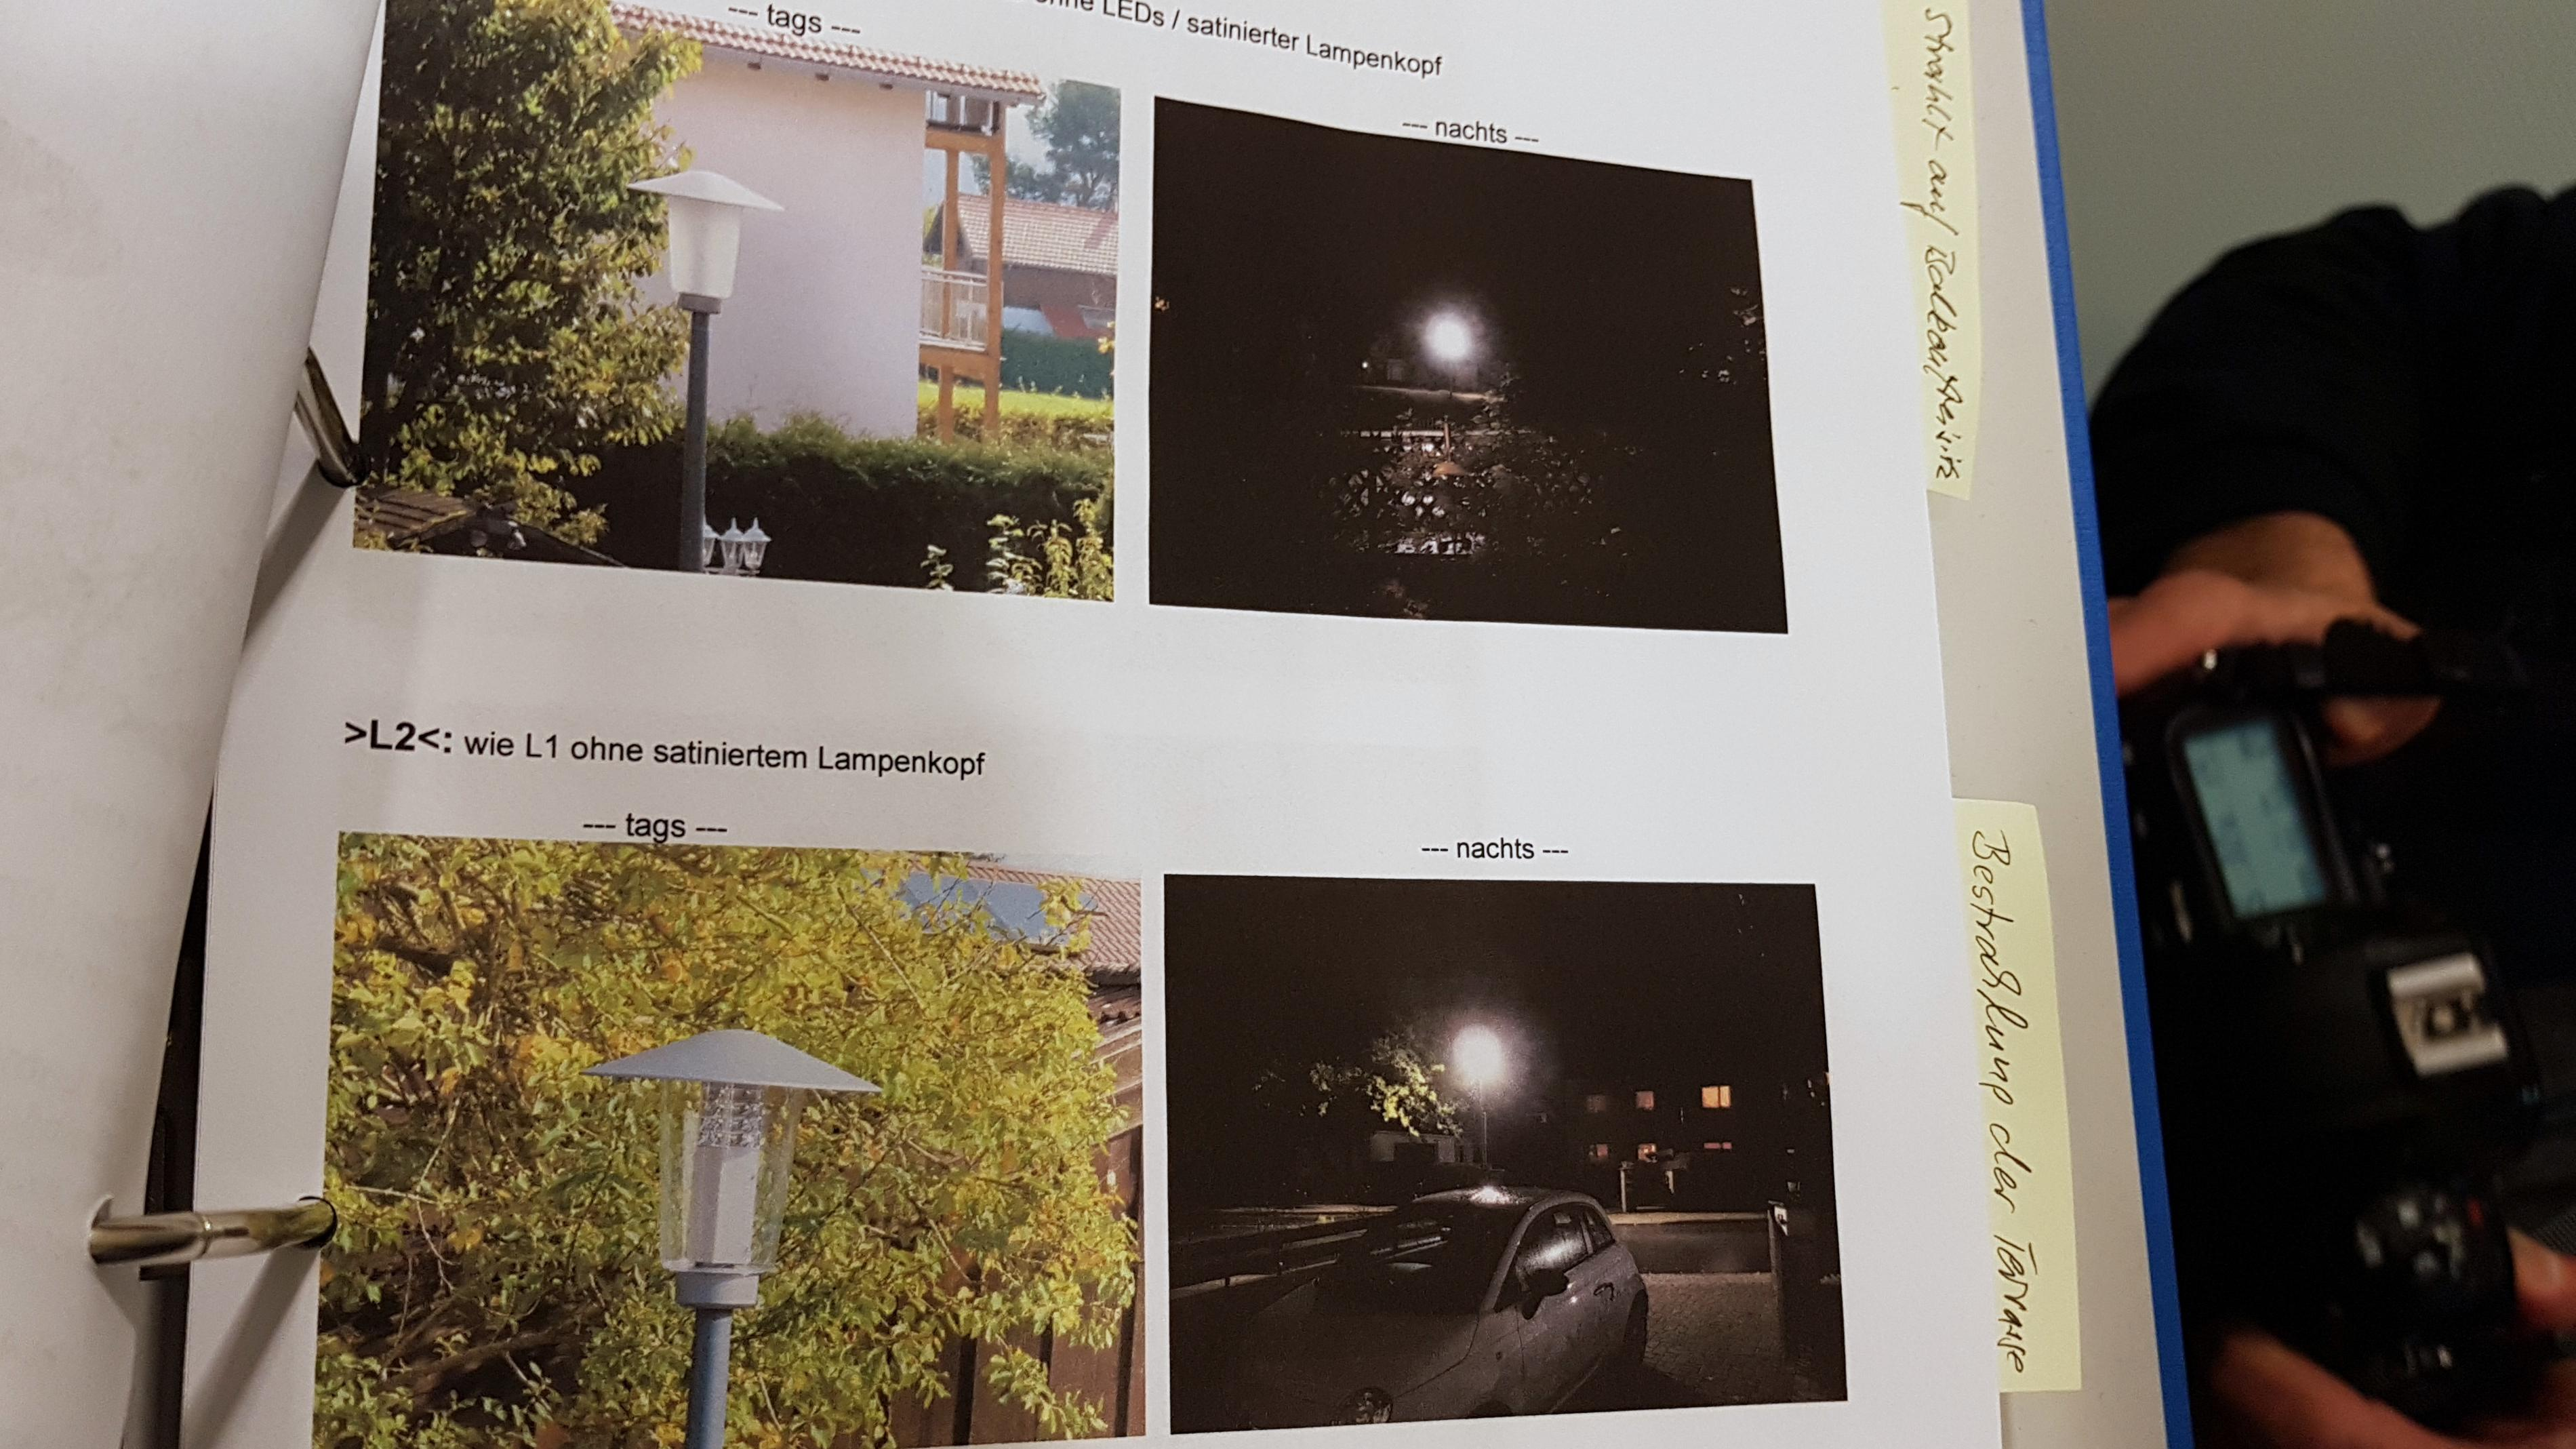 Ringbuch mit Fotos zum Streit um zu helle Staßenlaternen.